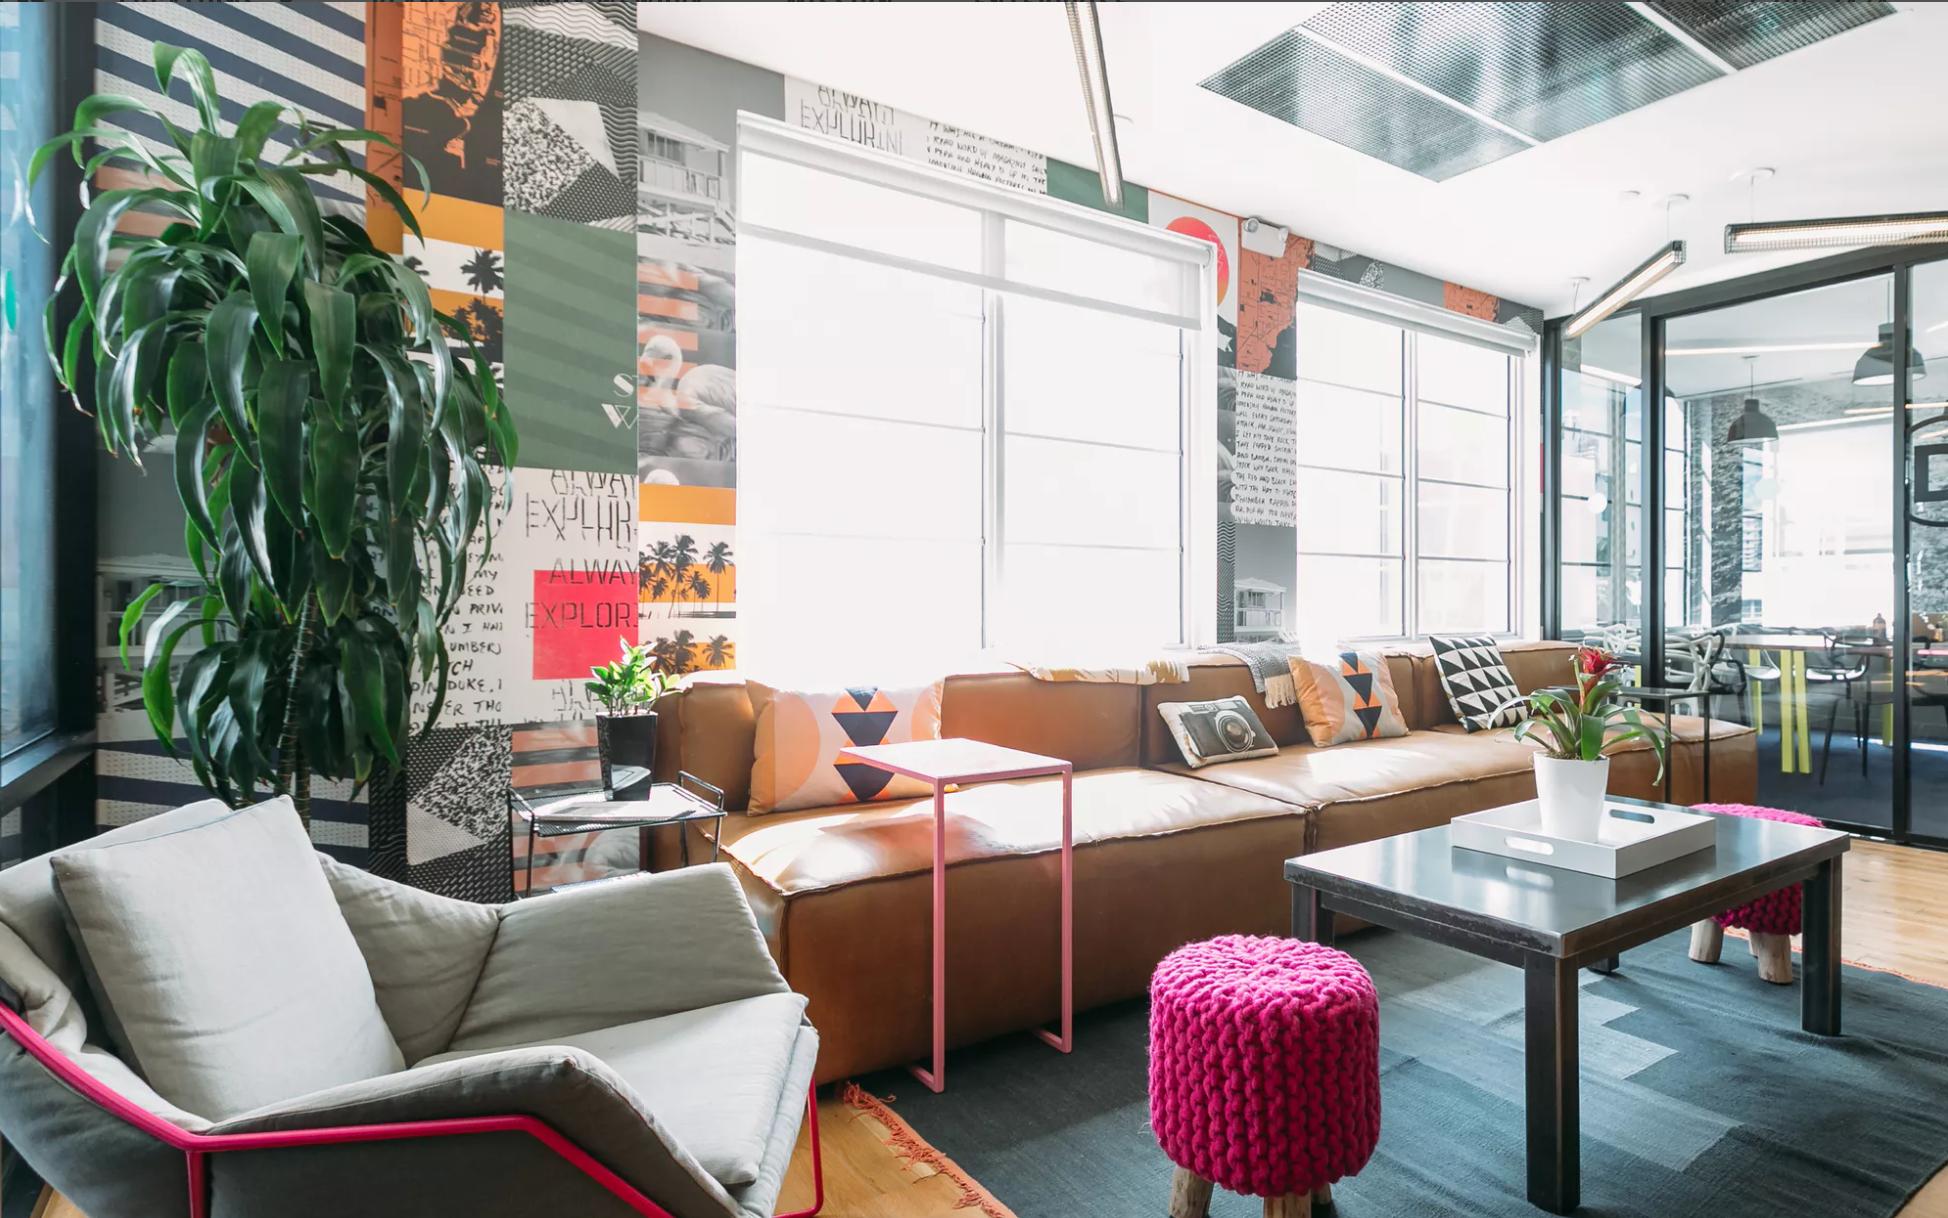 Офис Smile Bright Media Inc. расположен в коворкинг WeWork в Майами-бич. Изображение:  WeWork